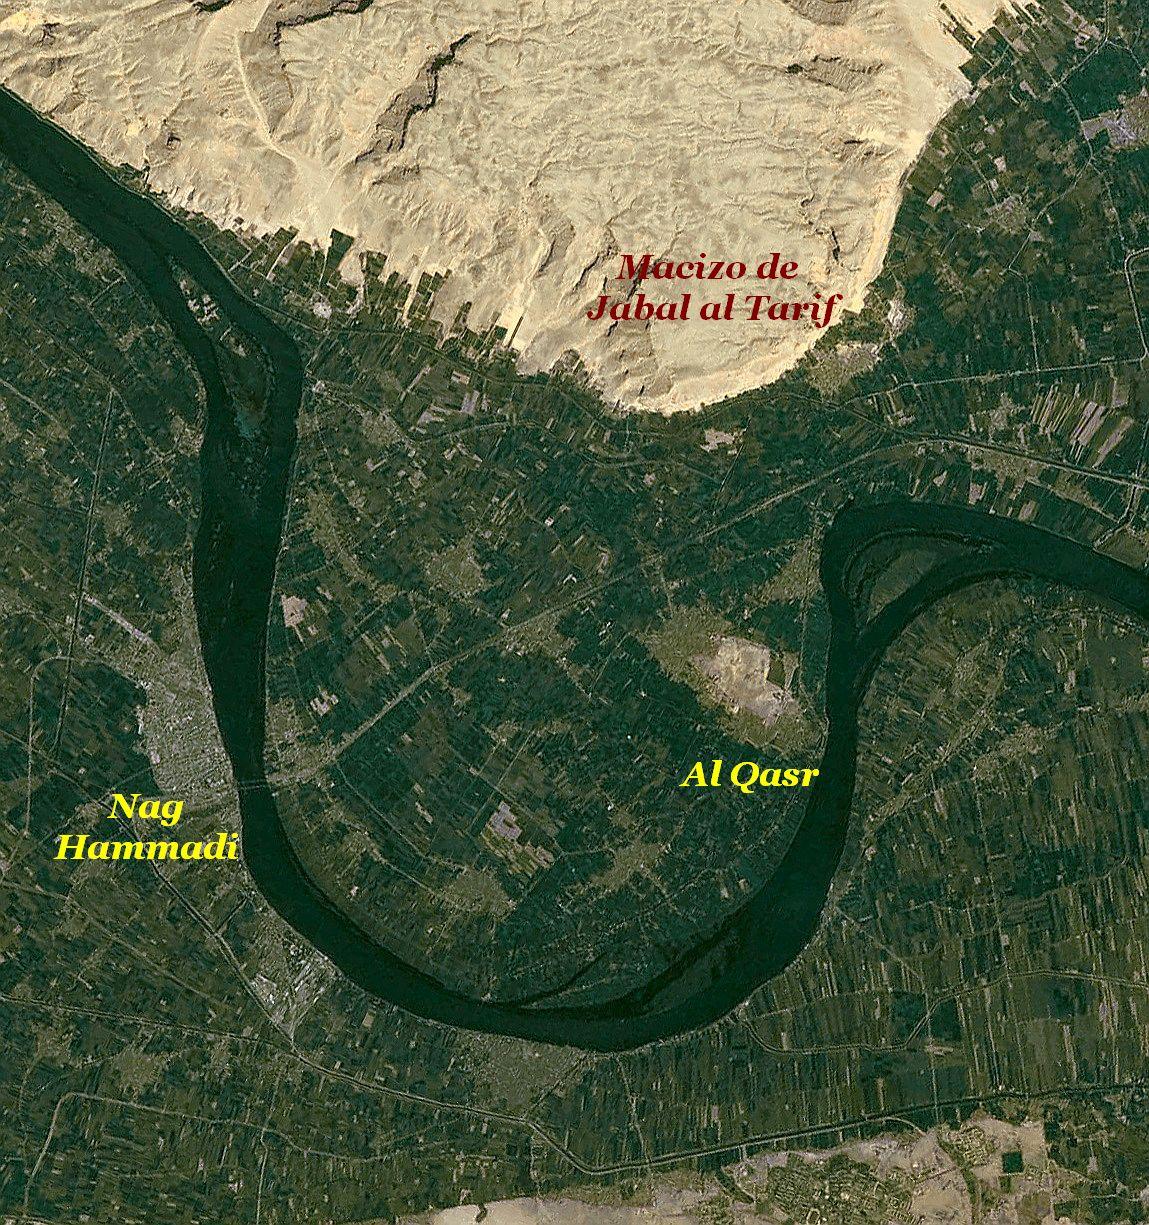 Nag Hammadi %C2%B7_Mapa_del_lugar_del_descubrimiento_de_los_C%C3%B3dices_de_Nag_Hammadi_%C2%B7